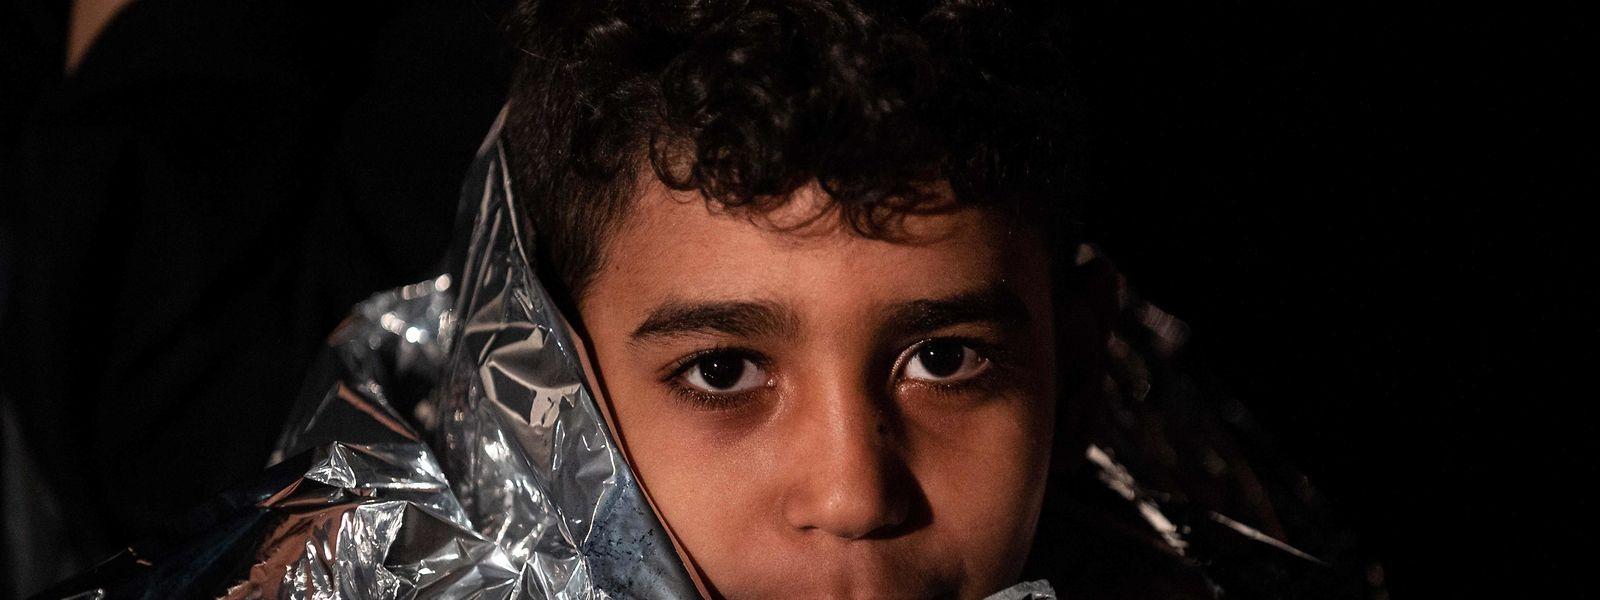 Entführt, verschleppt, ausgebeutet: Flüchtlingskindern widerfährt bisweilen Schreckliches auf ihrem Weg nach Europa.